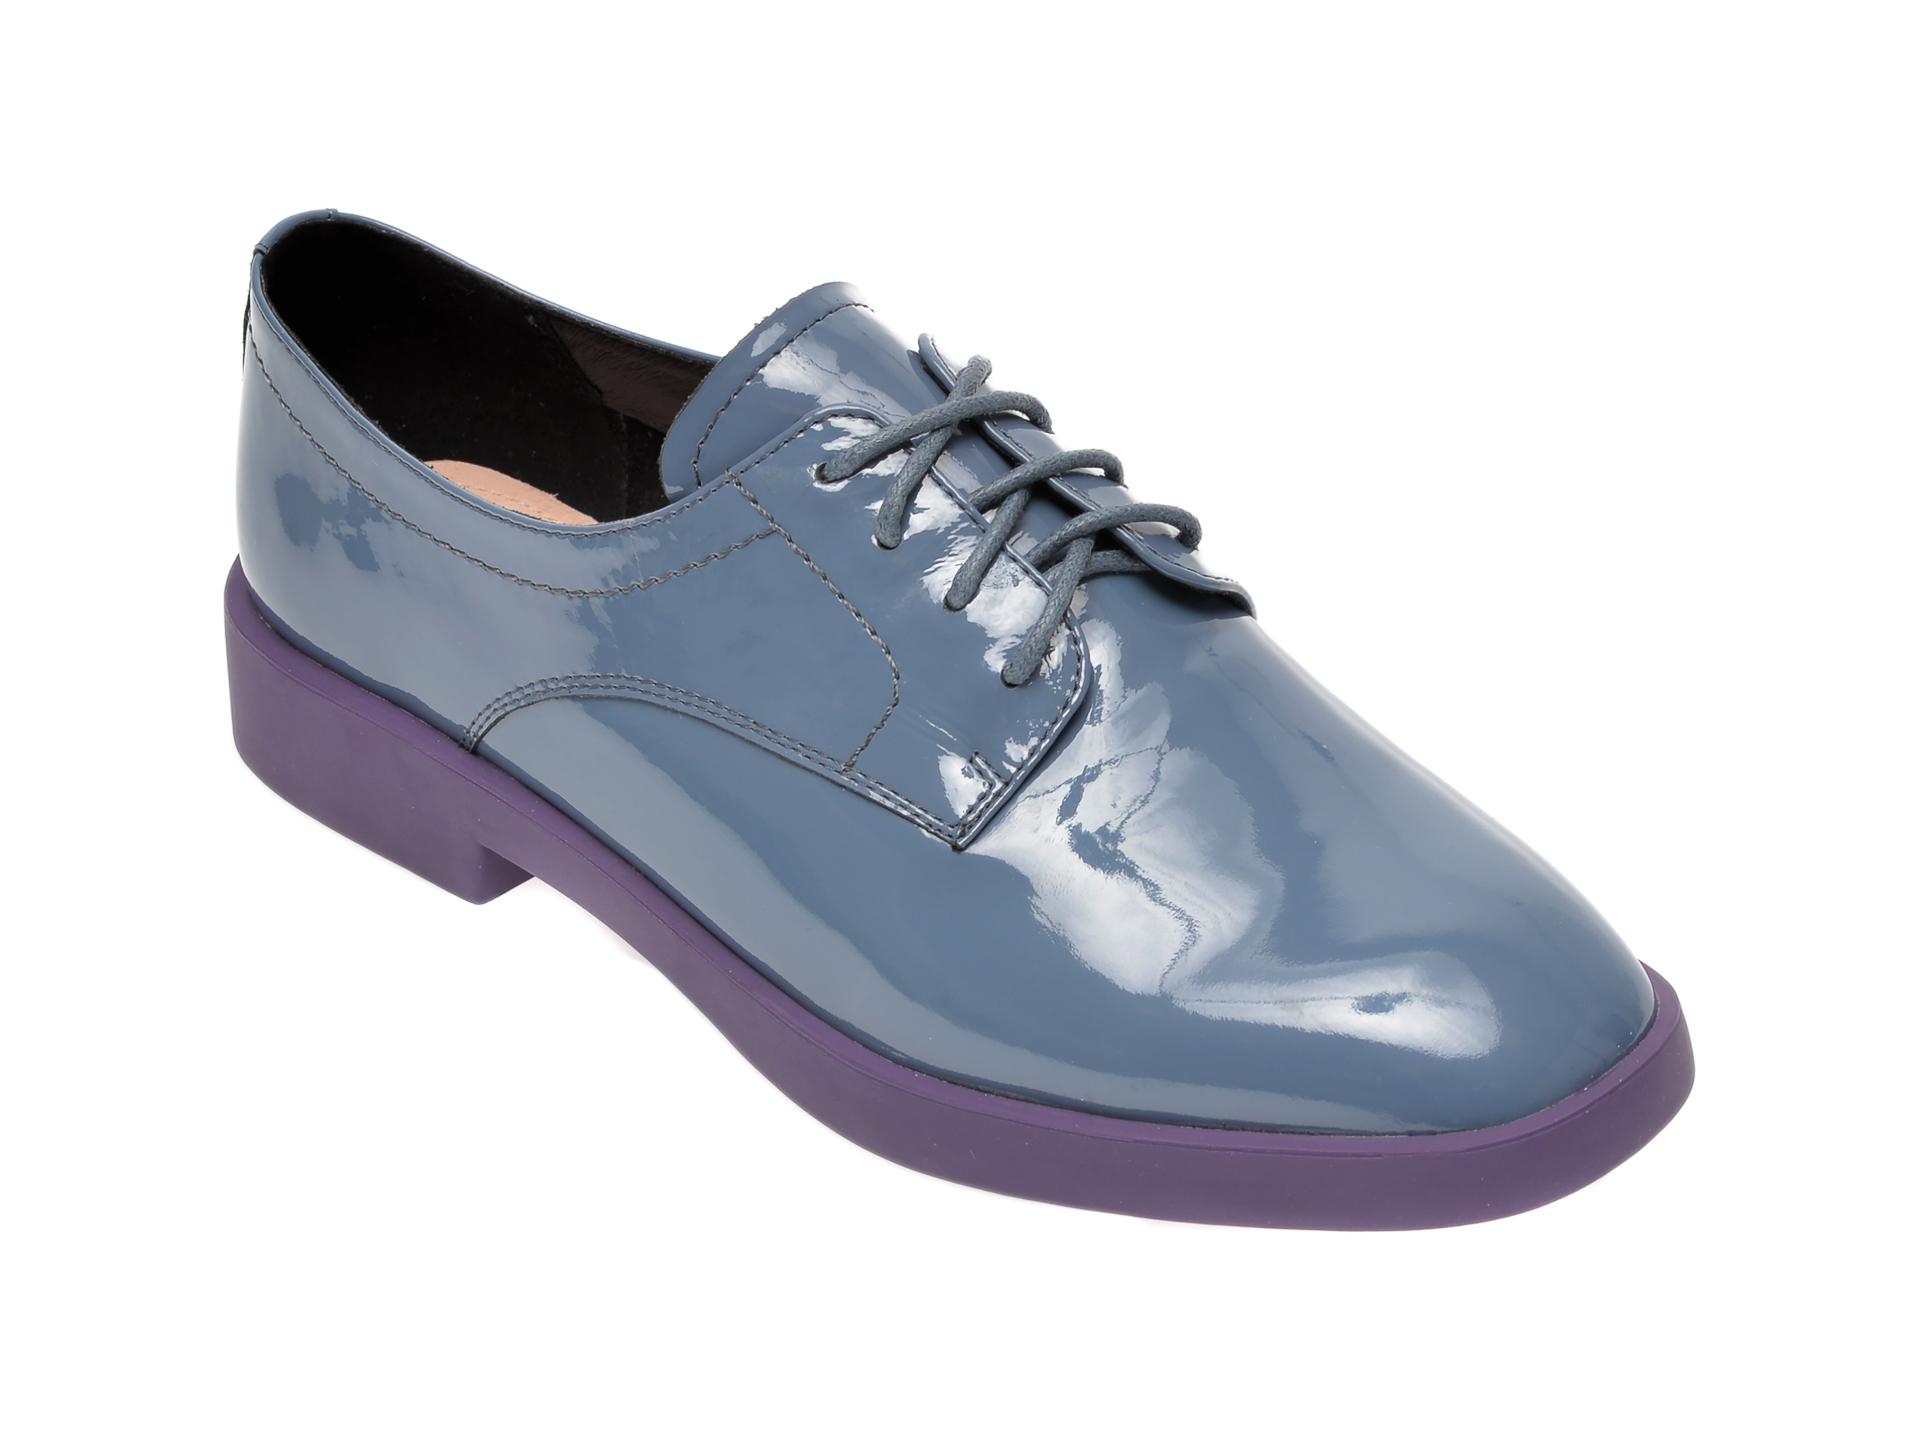 Pantofi FLAVIA PASSINI gri, FH92227, din piele naturala lacuita imagine